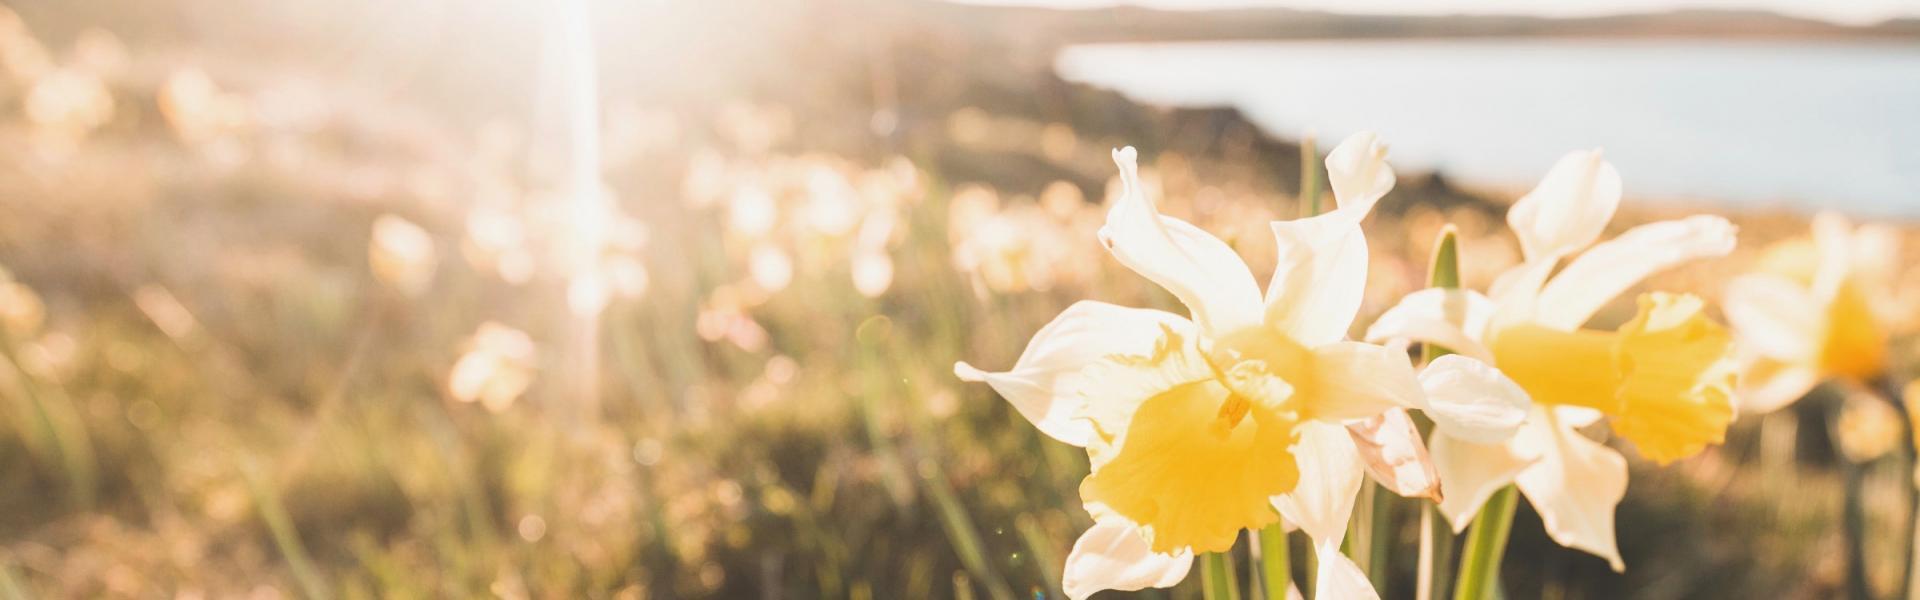 Jonquilles, narcisses : c'est aussi ça le printemps !